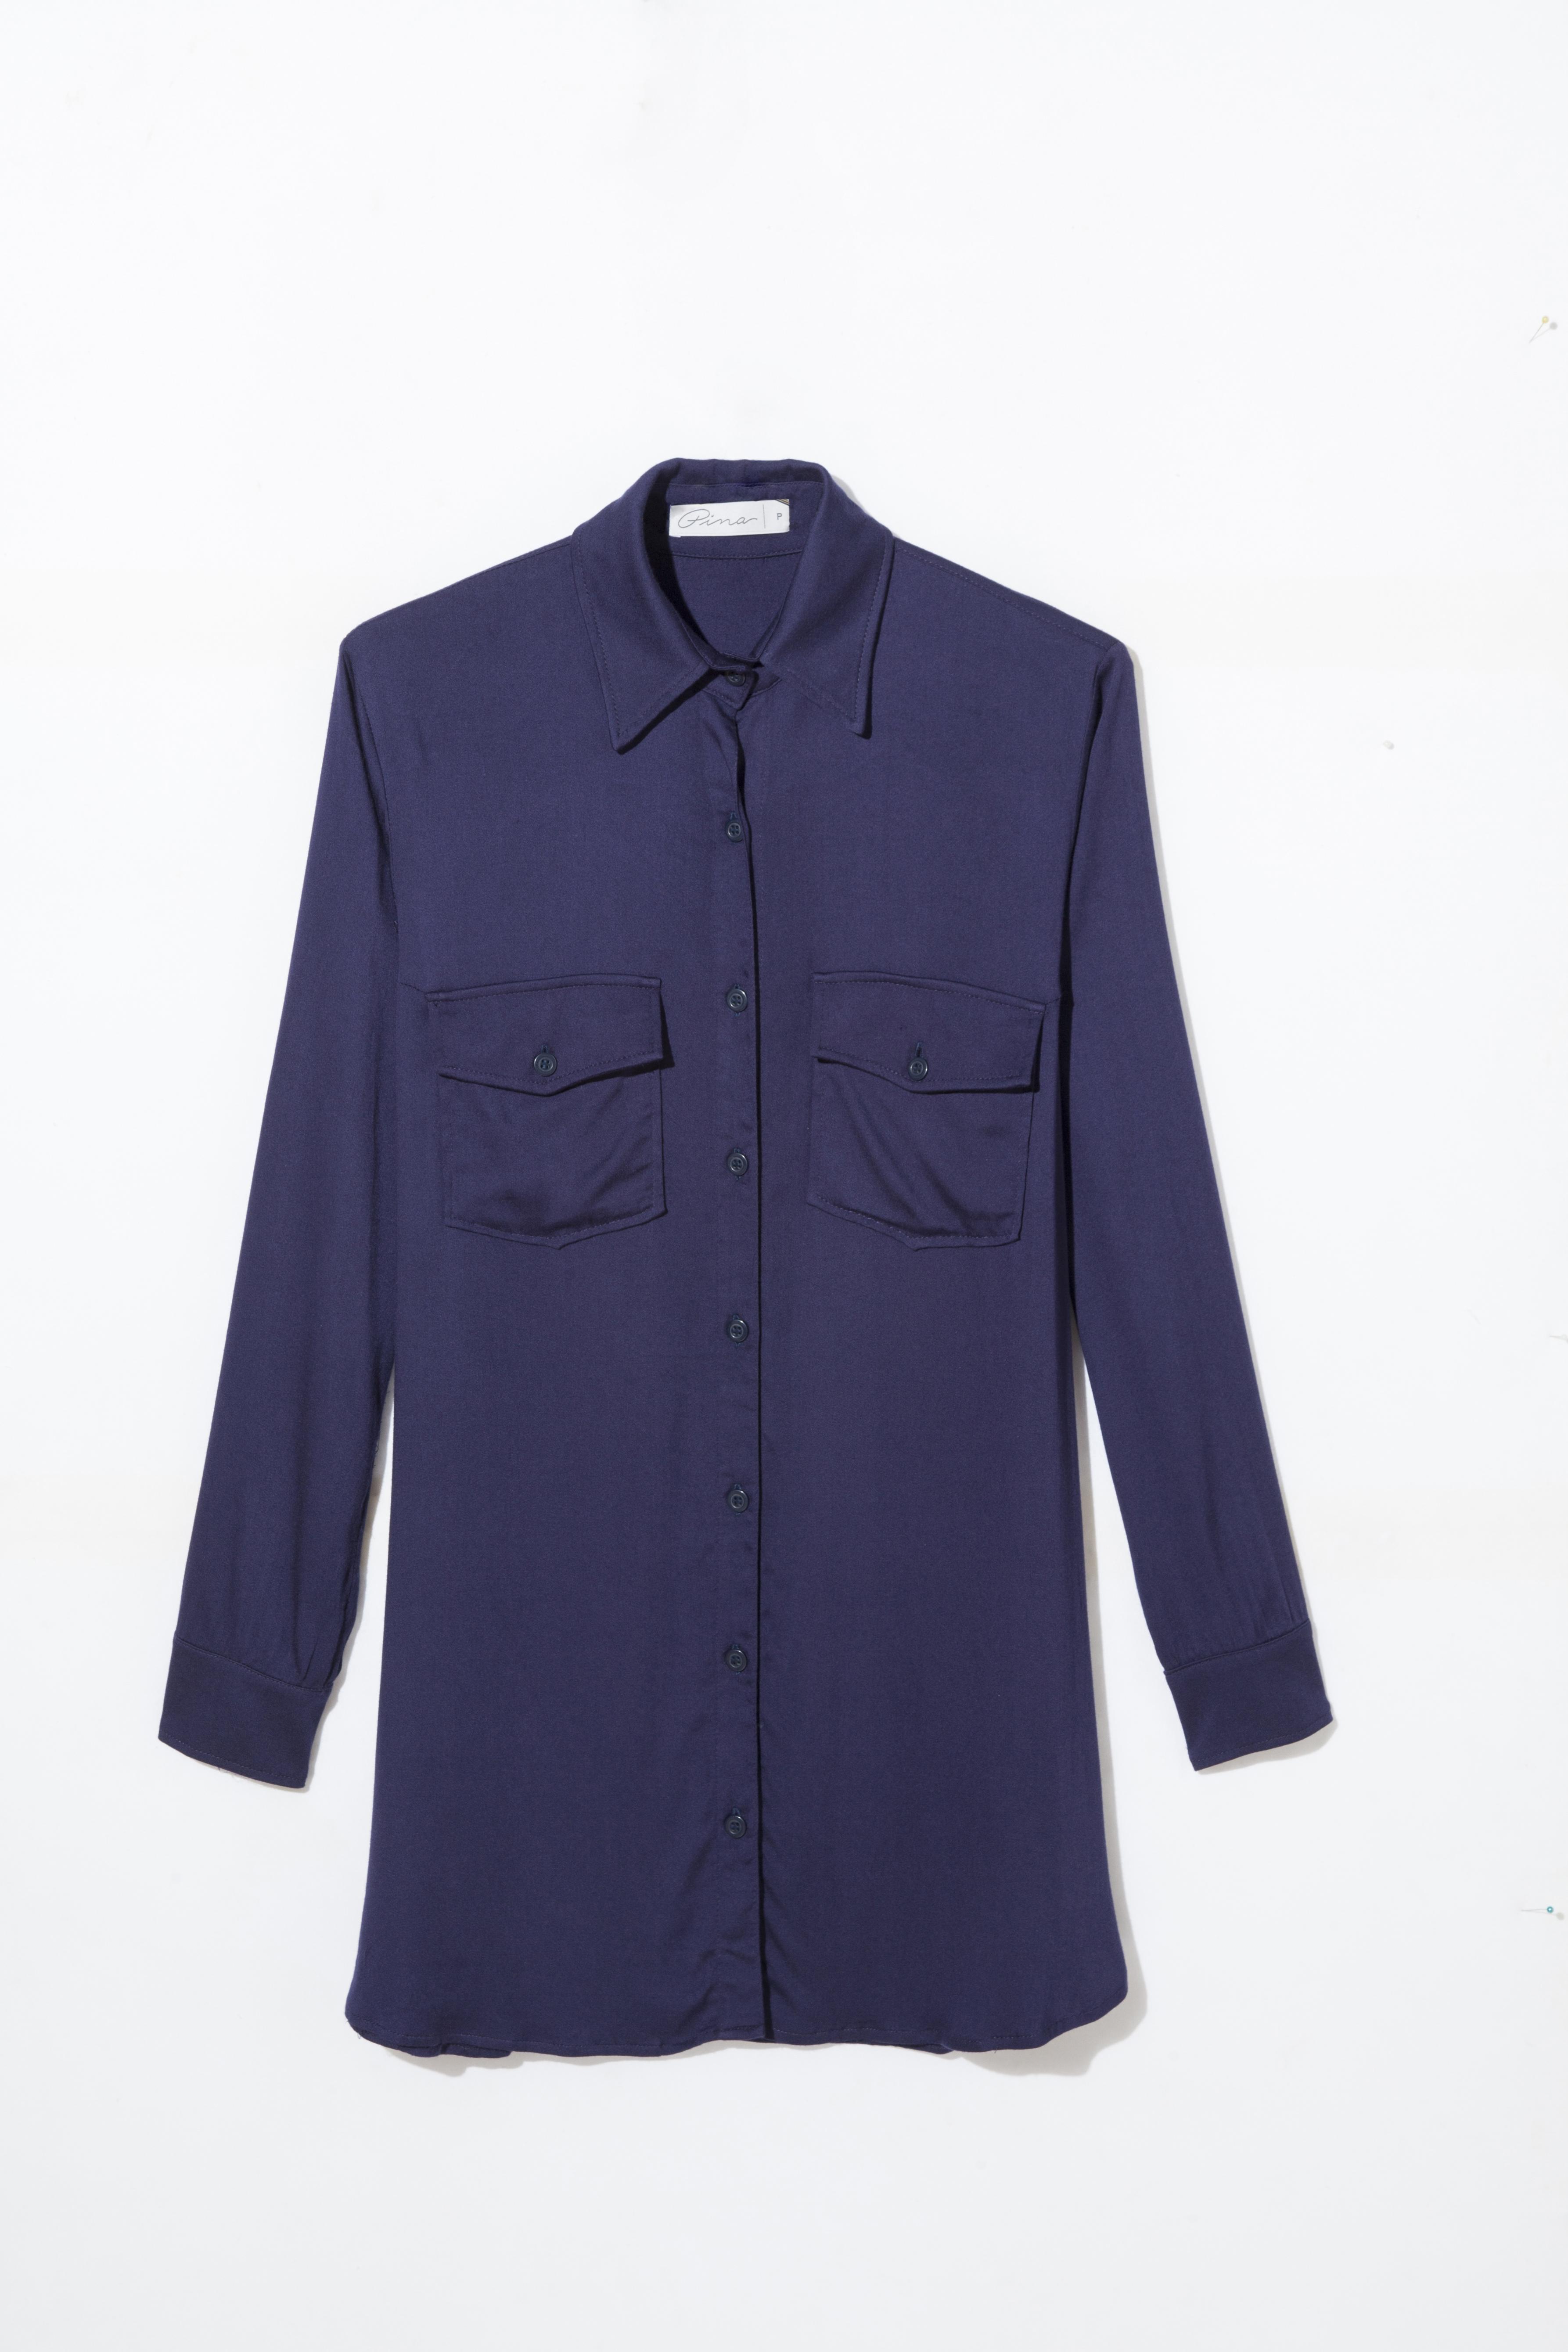 camisa marinho boyish